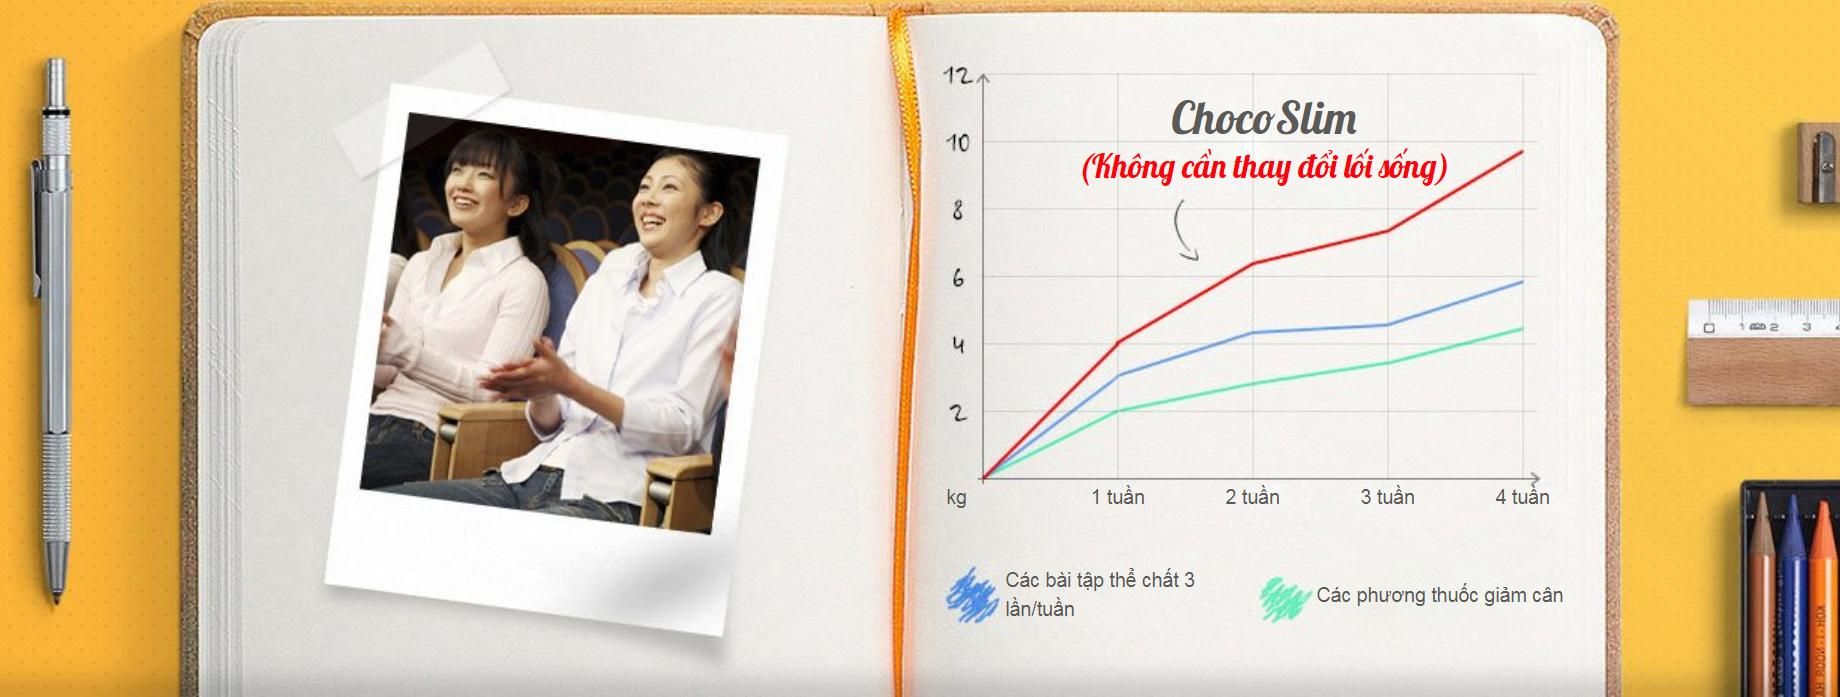 thuốc giảm cân ChocoSlim - kế hoạch